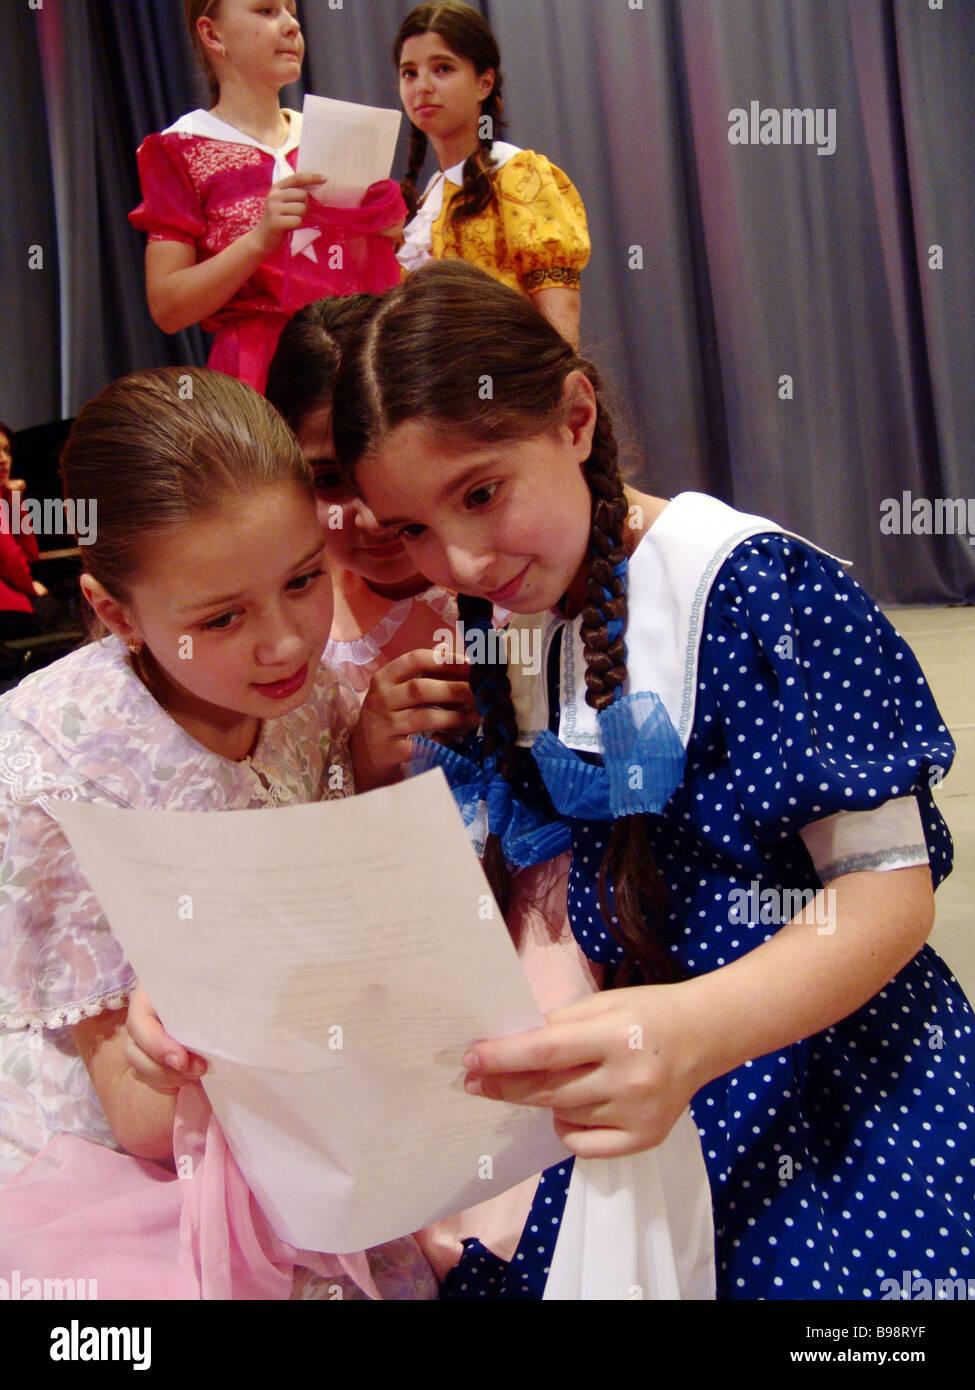 Today is the anniversary of Galina Vishnevskaya 10/25/2011 18